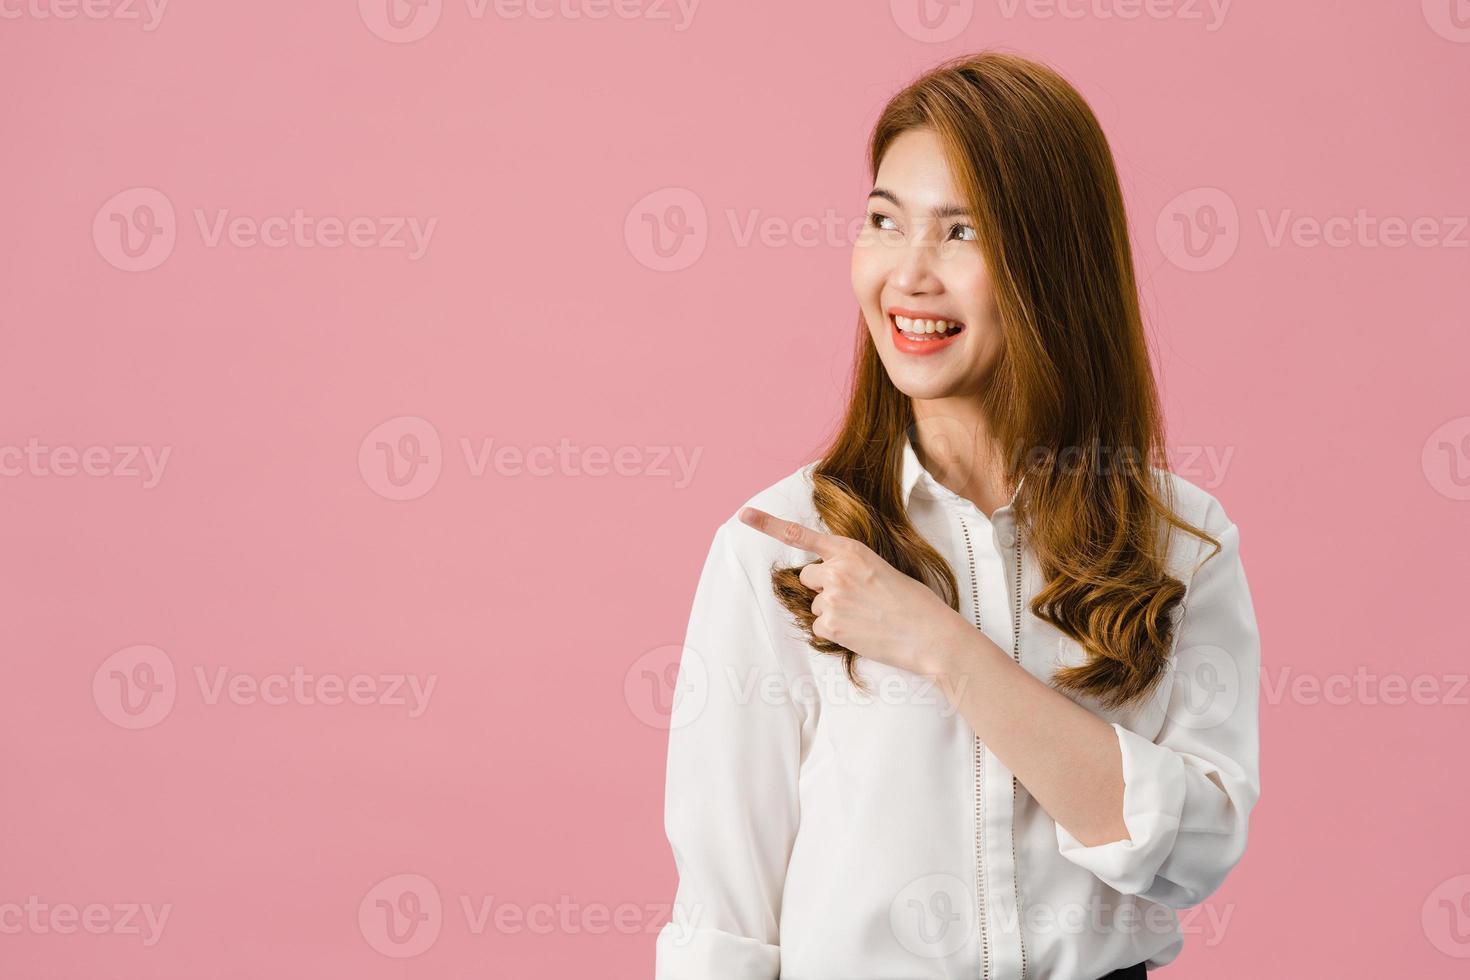 Retrato de joven asiática sonriendo con expresión alegre, muestra algo sorprendente en el espacio en blanco en ropa casual y de pie aislado sobre fondo rosa. concepto de expresión facial. foto